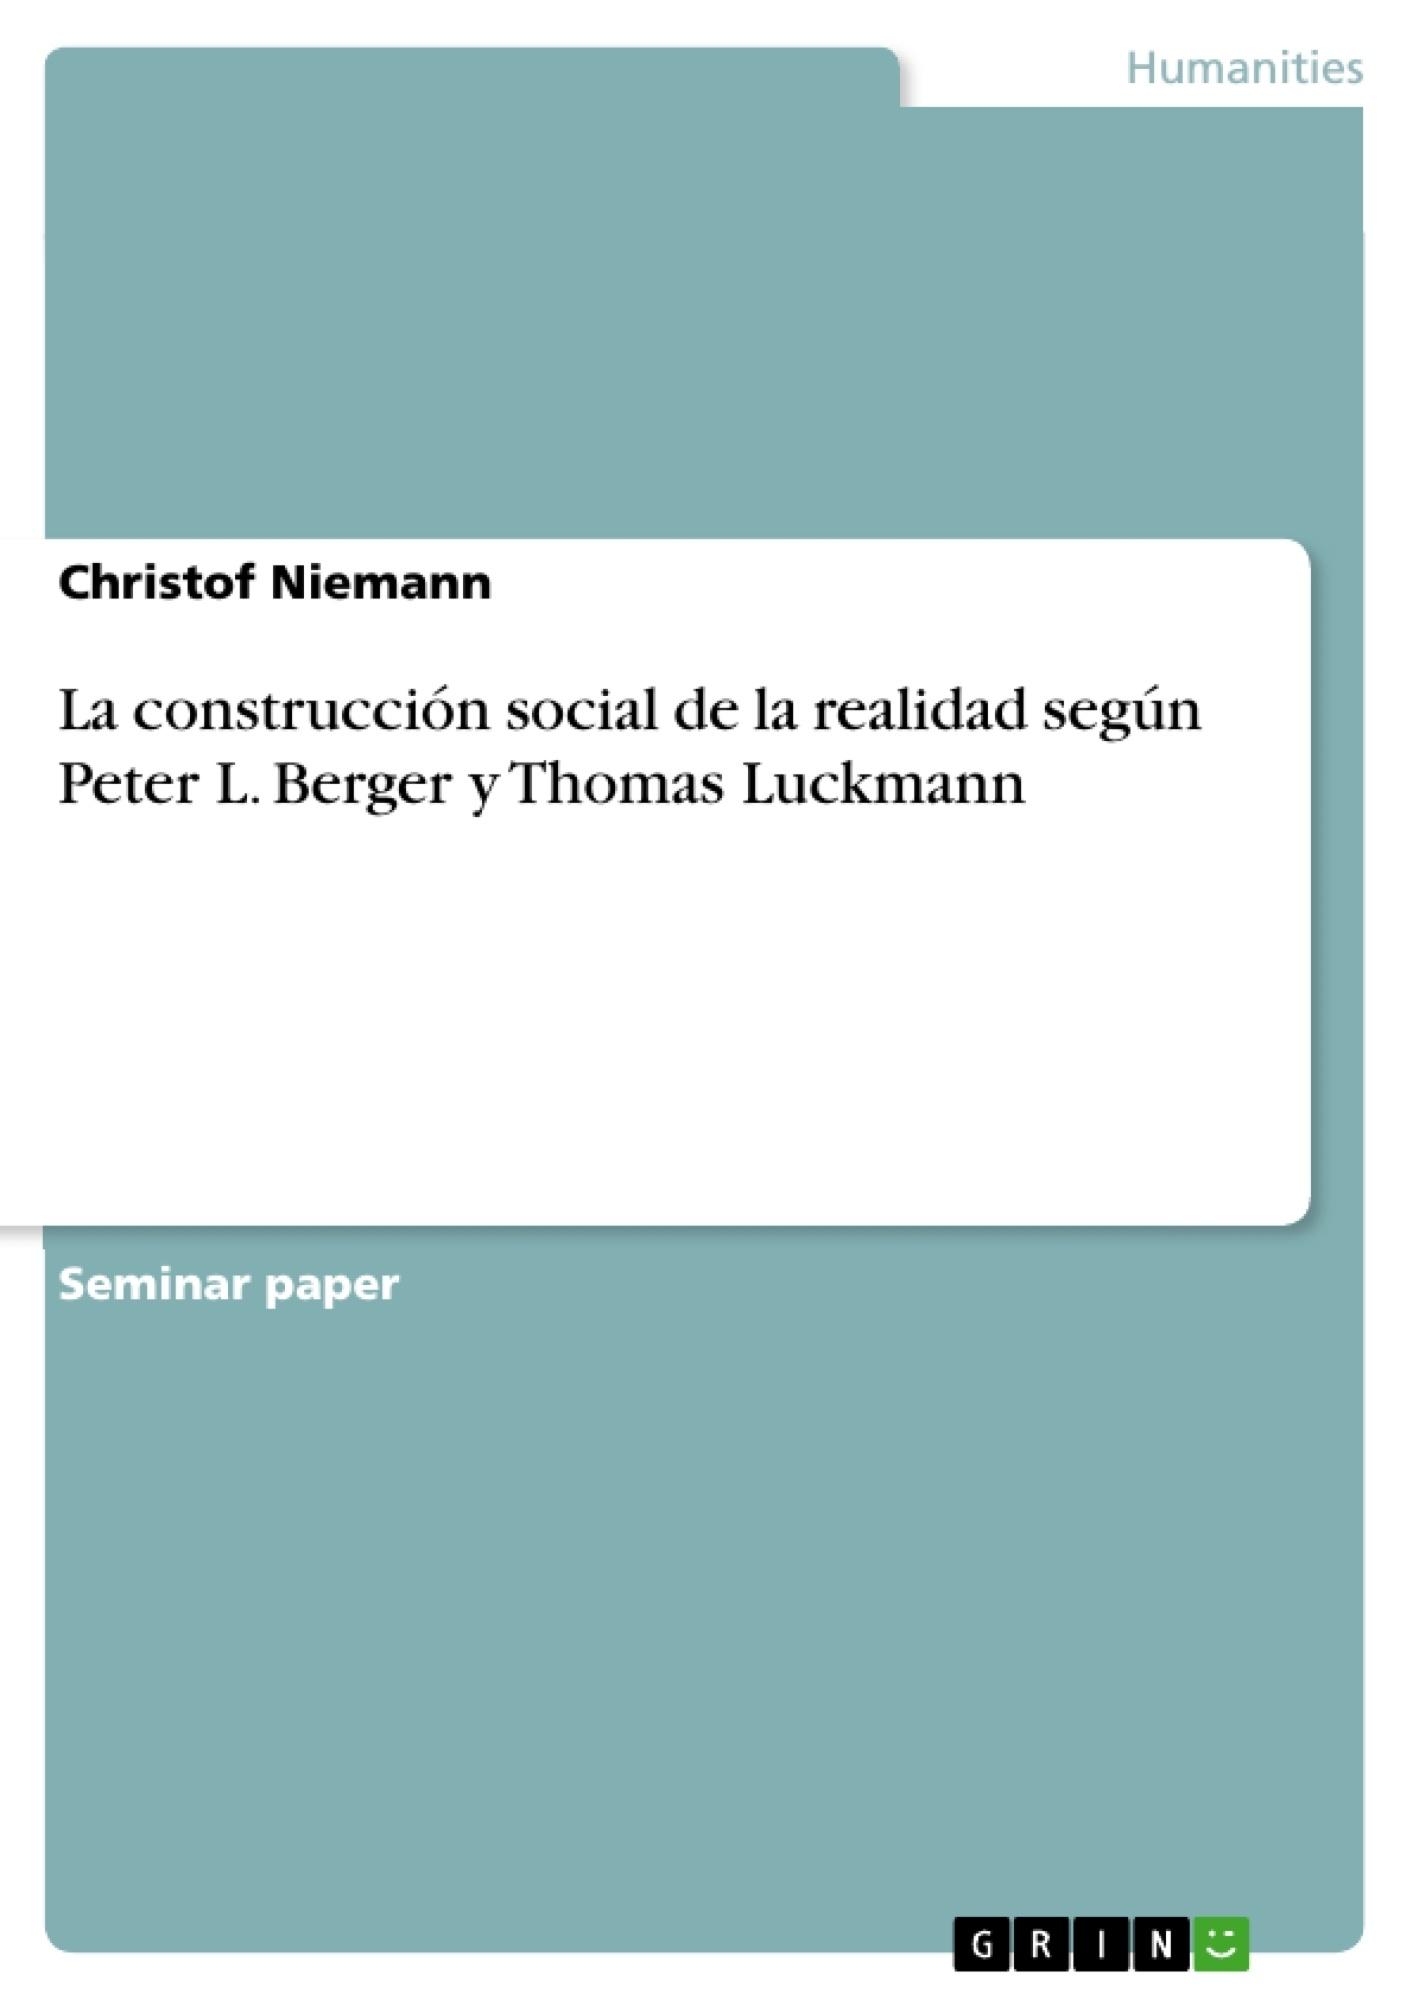 Título: La construcción social de la realidad según Peter L. Berger y Thomas Luckmann